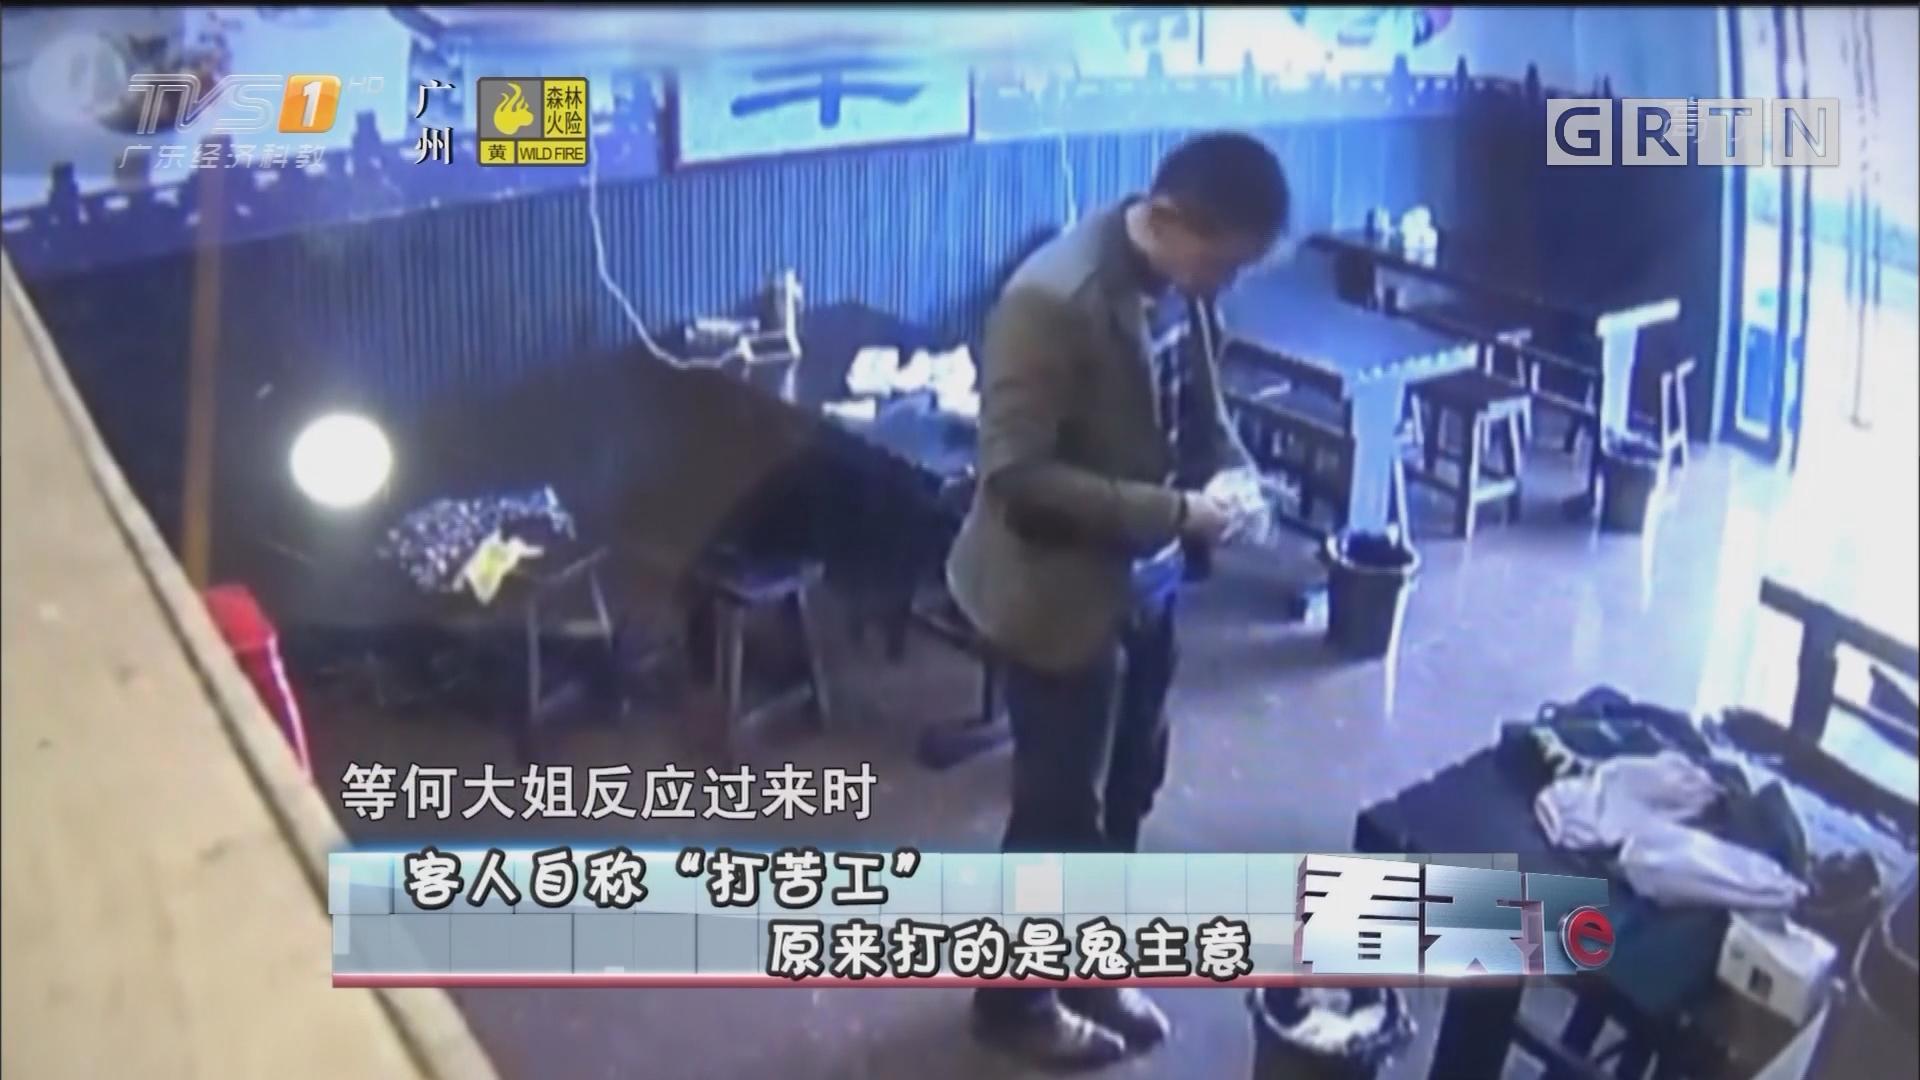 """[HD][2018-03-28]看天下:客人自称""""打苦工"""" 原来打的是鬼主意"""